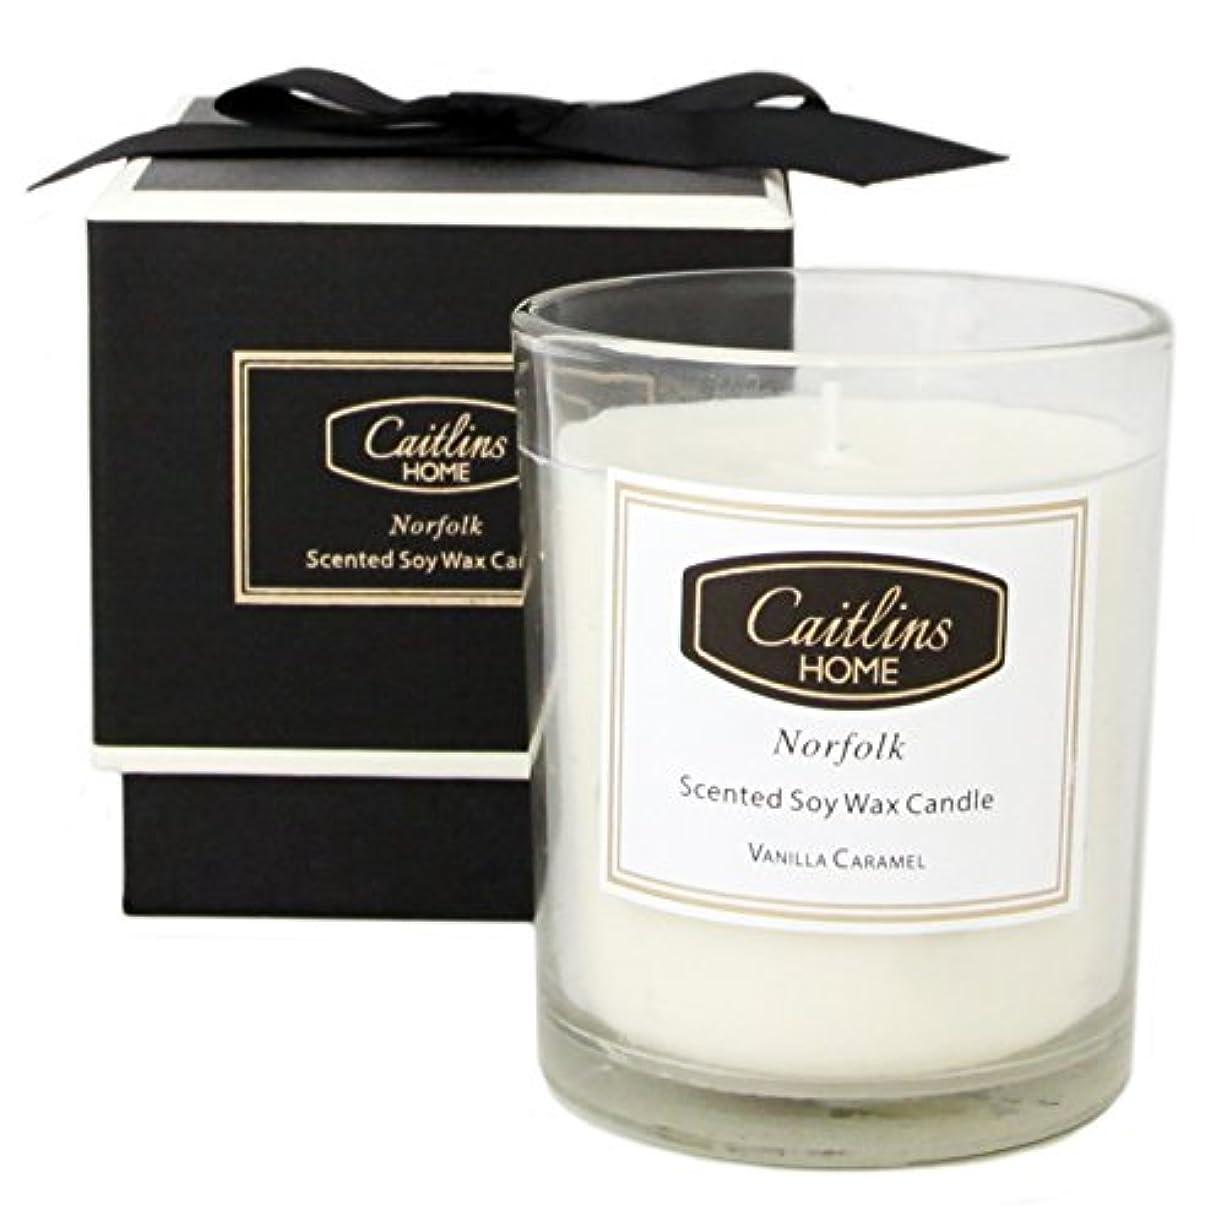 磨かれた最高望遠鏡(Small, Vanilla Caramel) - Vanilla Caramel Candle Soy Wax Aromatherapy Candle Home Fragrance Gift Caitlins Home